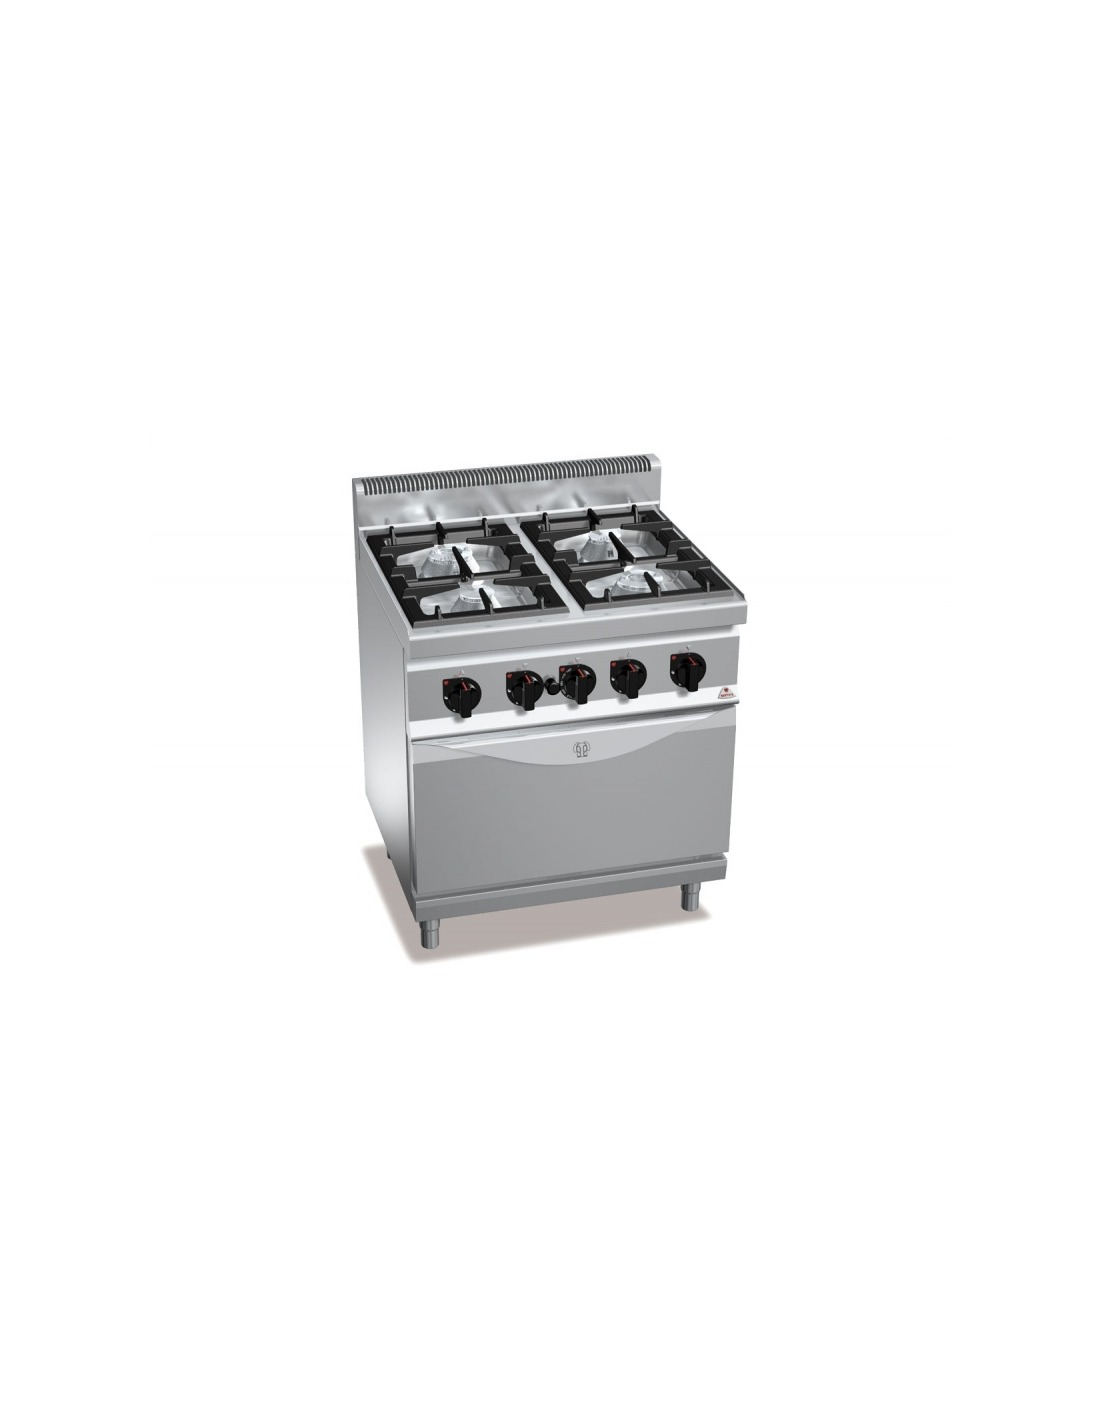 Cocina 4 fuegos a gas con horno convecci n for Accesorios para cocina a gas